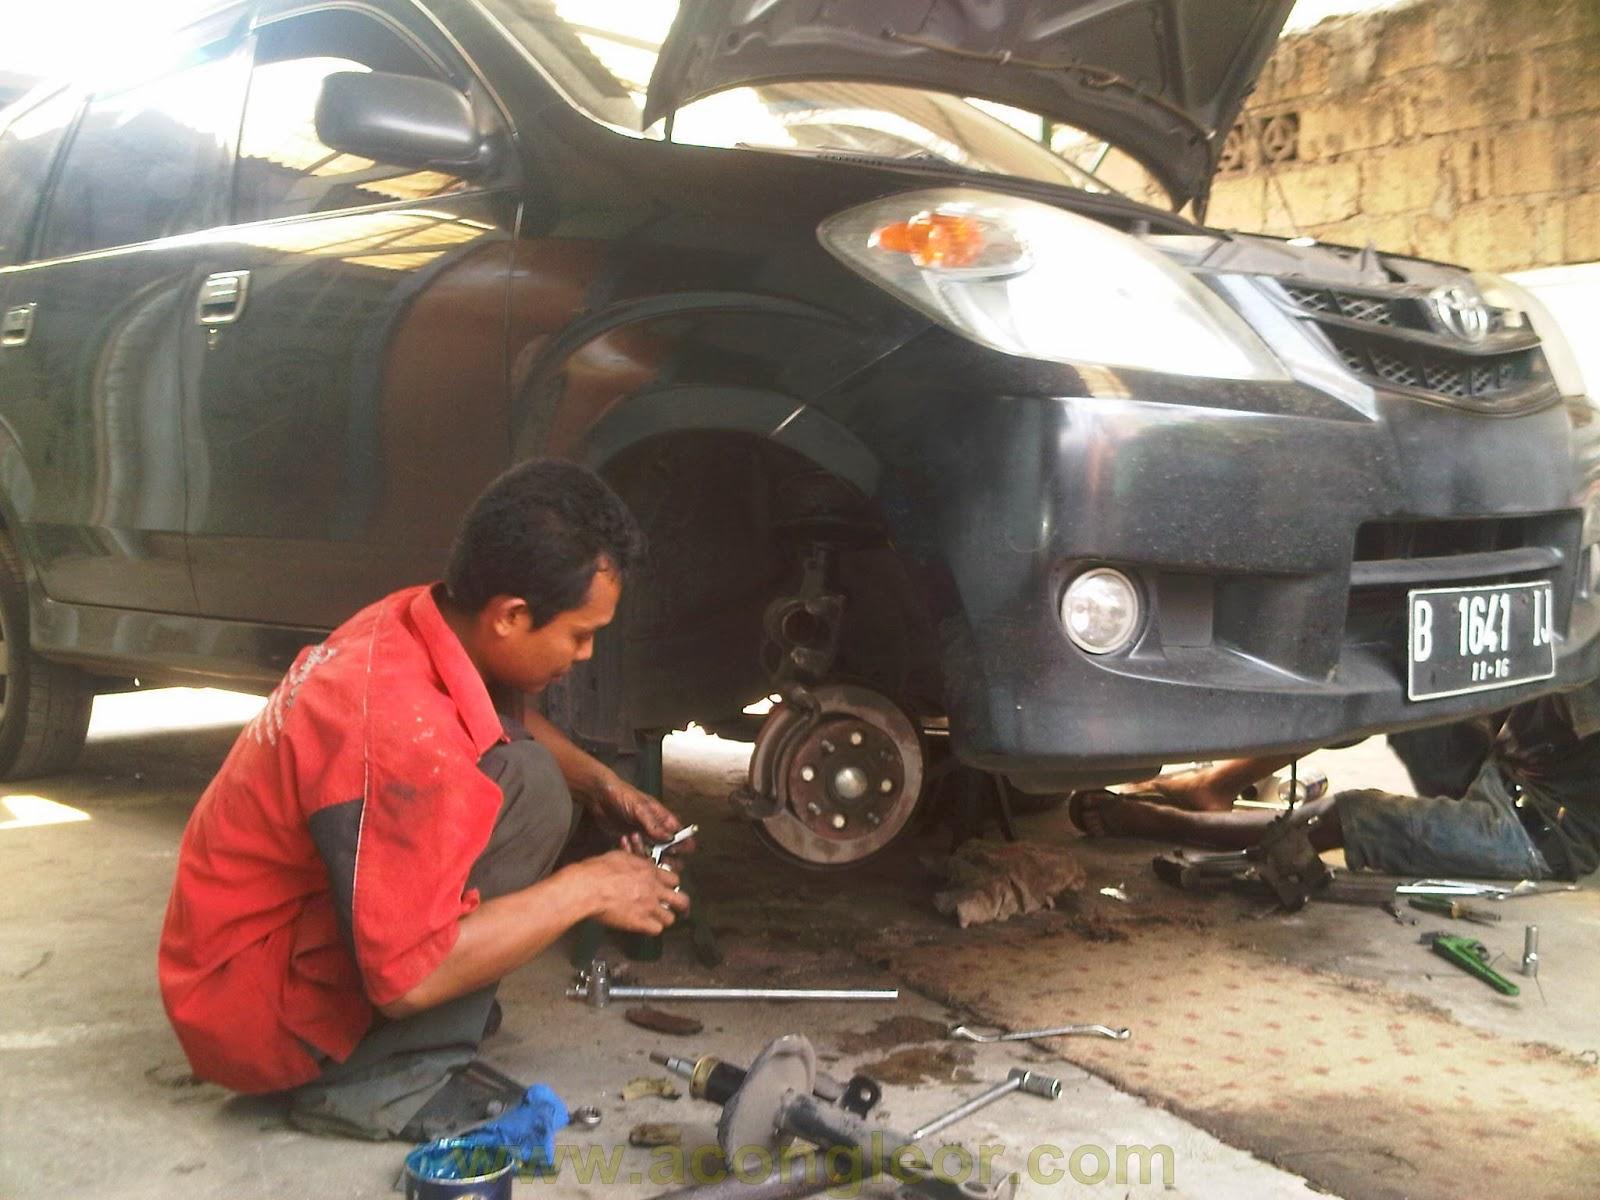 Grand New Avanza Limbung Gambar Mobil Veloz Tips Mendeteksi Kaki2 Toyota Depan Www Bengkel Co Id Sok Bisa Mengakibatkan Bunyi Yg Paling Terasa Ngembal Saat Mengayun Habis Mendapat Jalan Tinggi